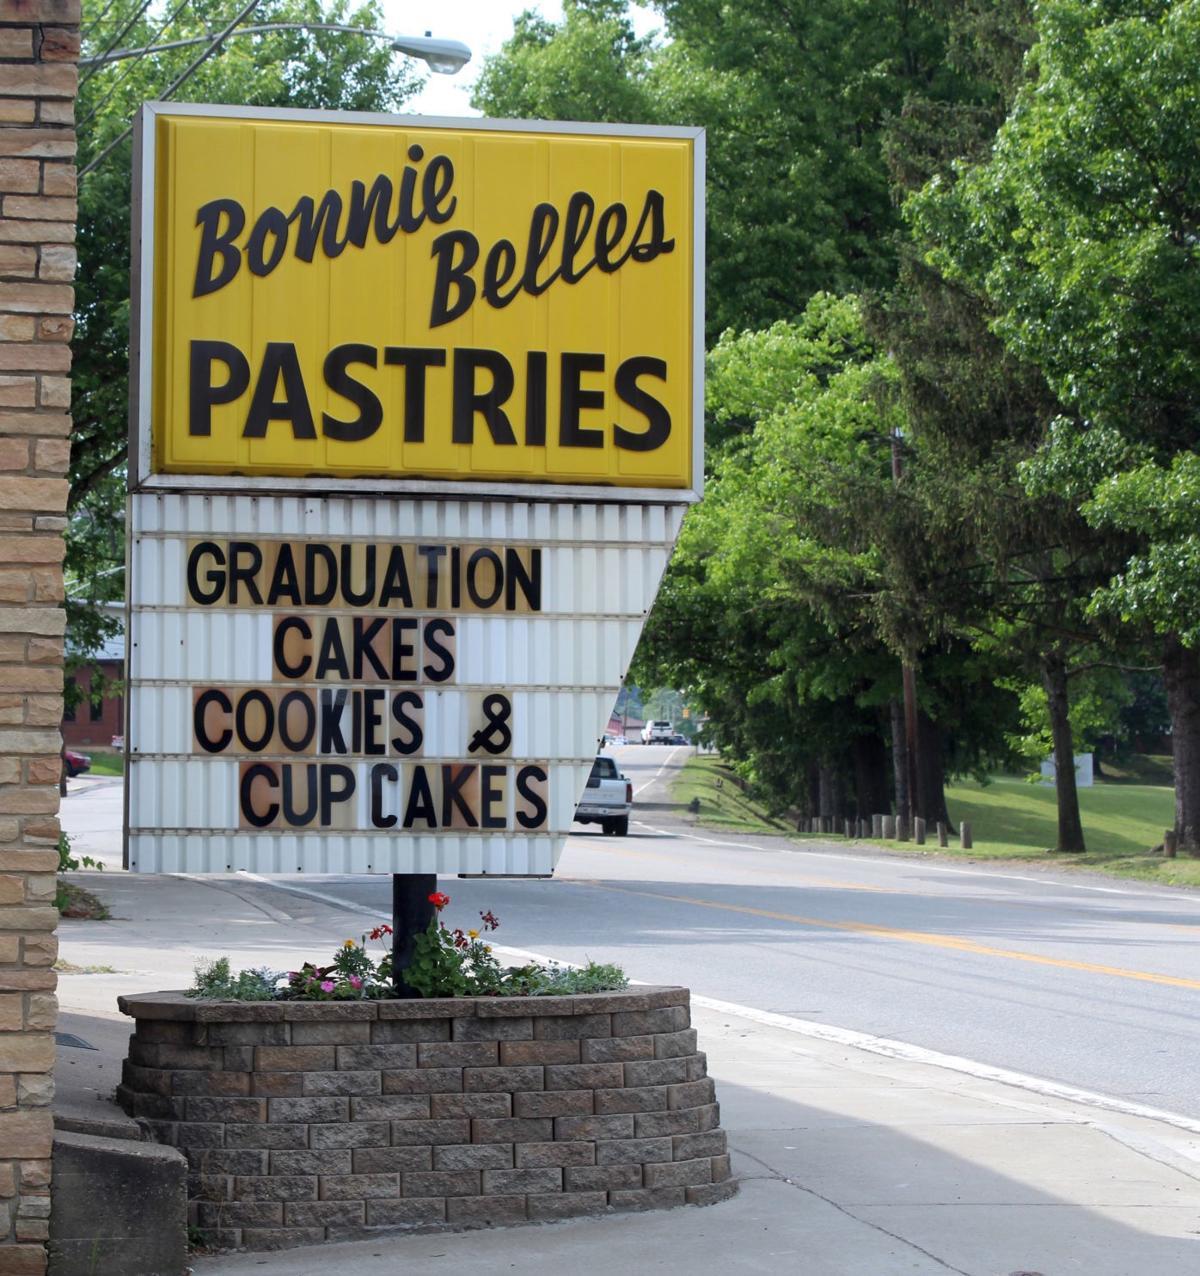 Bonnie Belle's Pastries sign